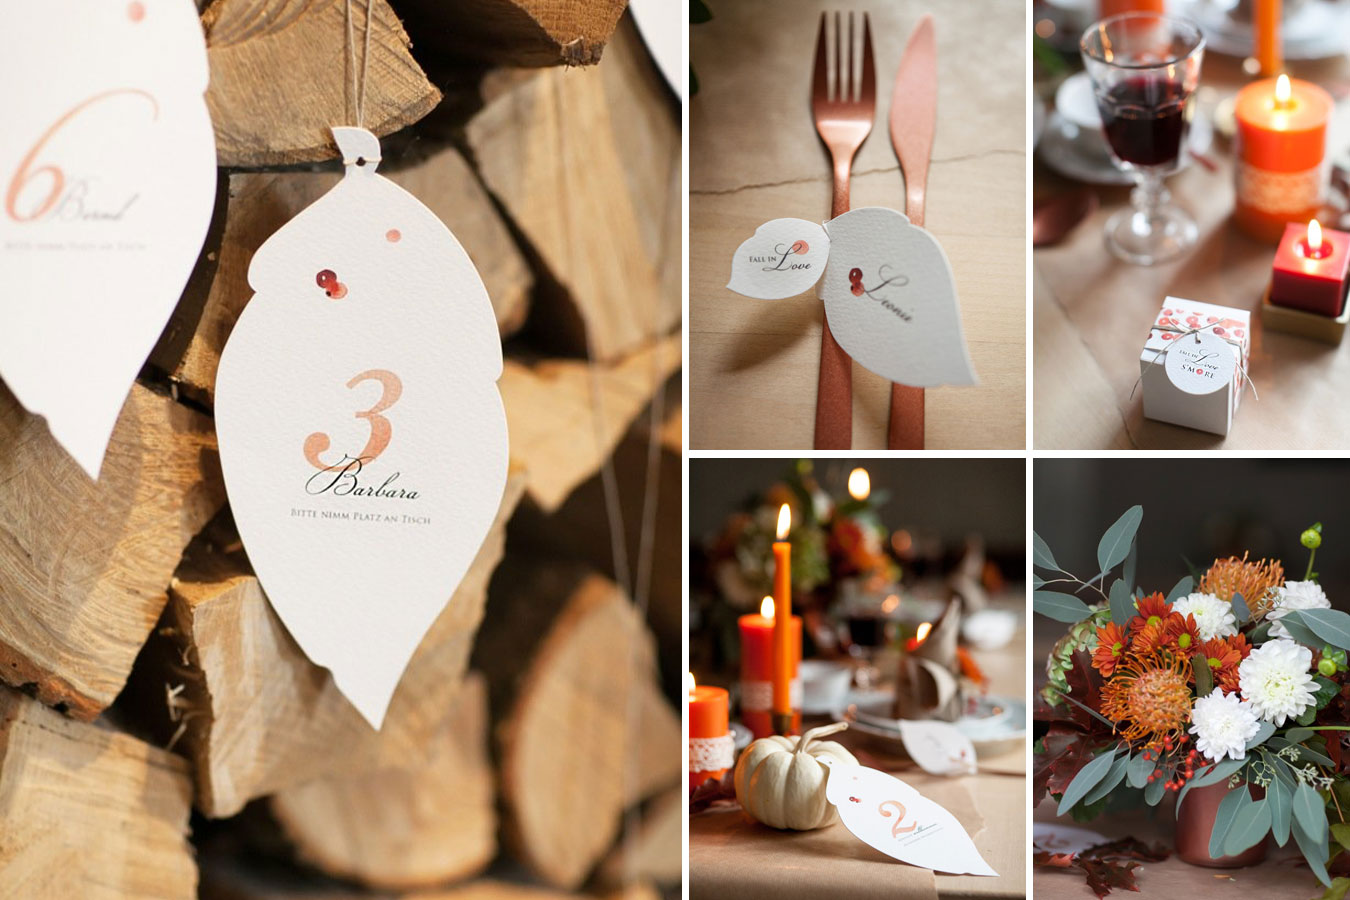 Herbstliche Hochzeitspapeterie in Blattform mit Aquarell-Beeren